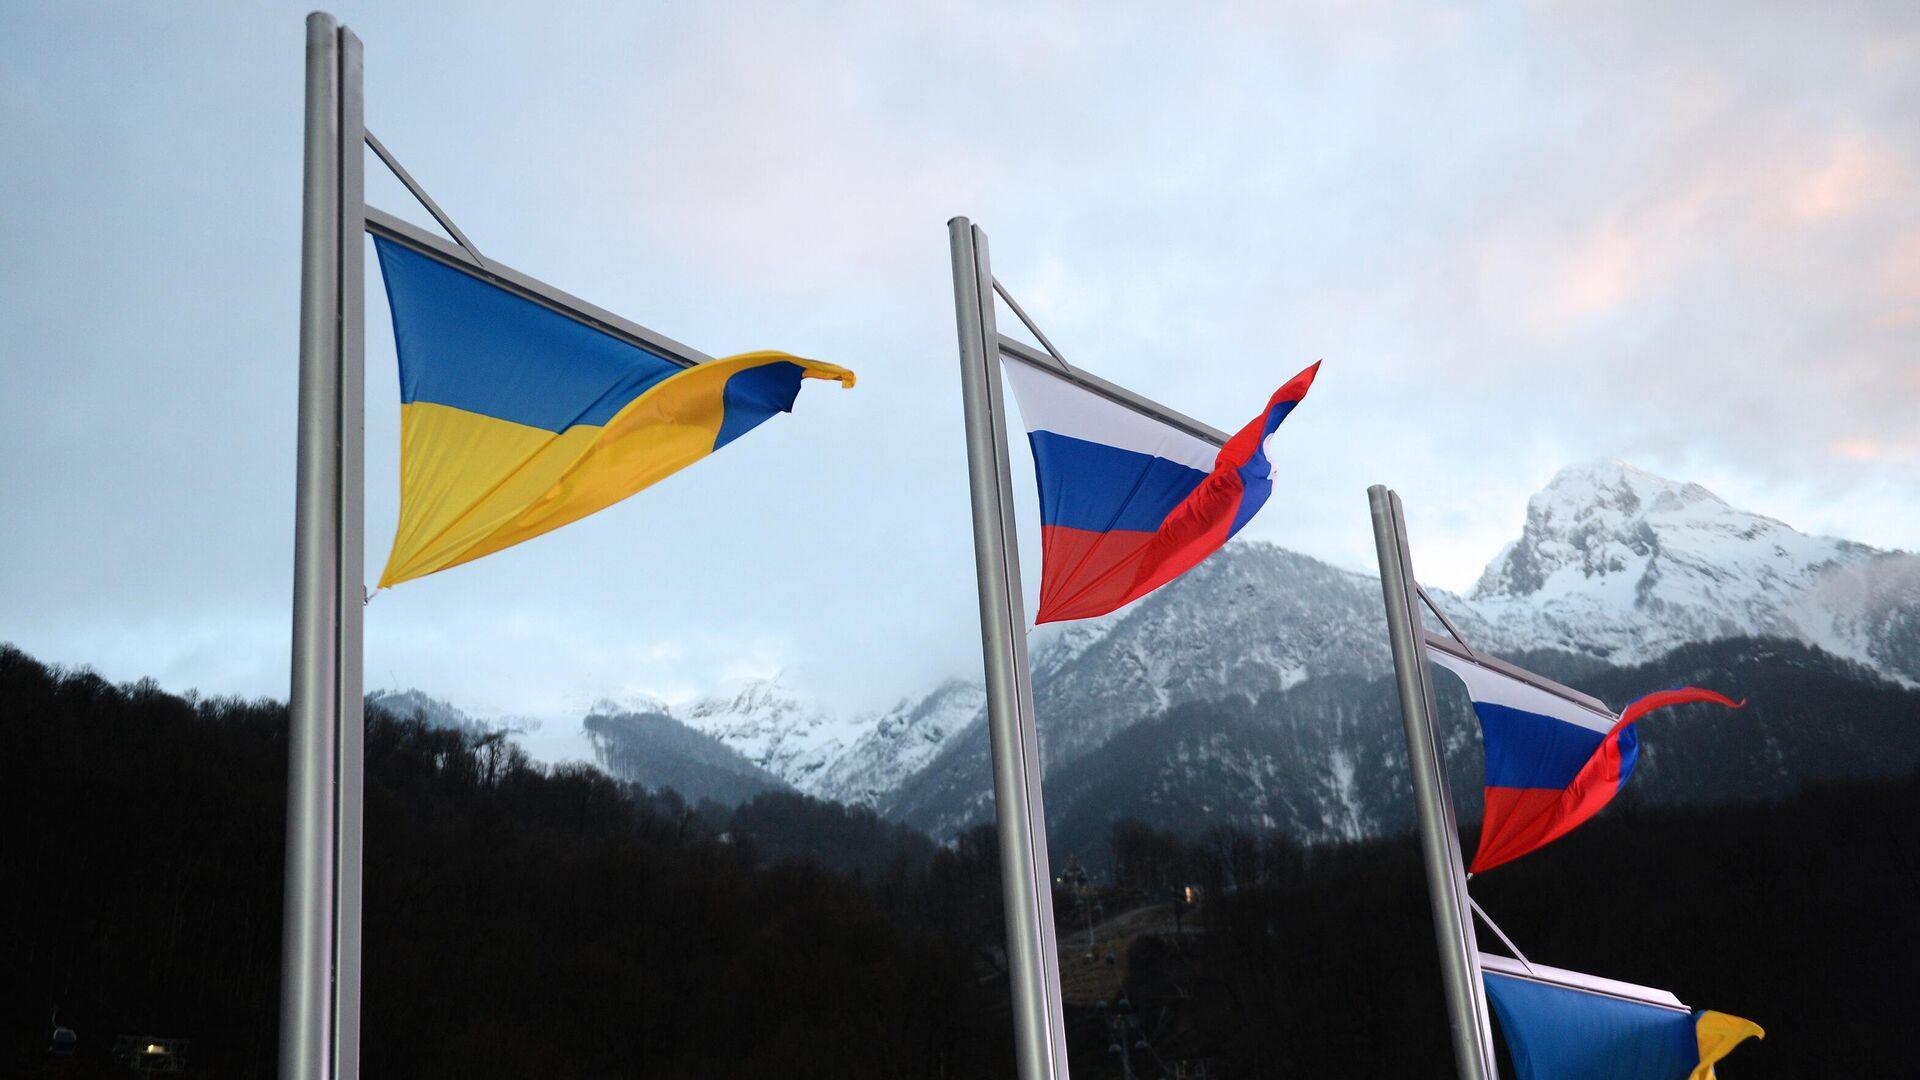 Национальные флаги Украины и России  - РИА Новости, 1920, 13.10.2021